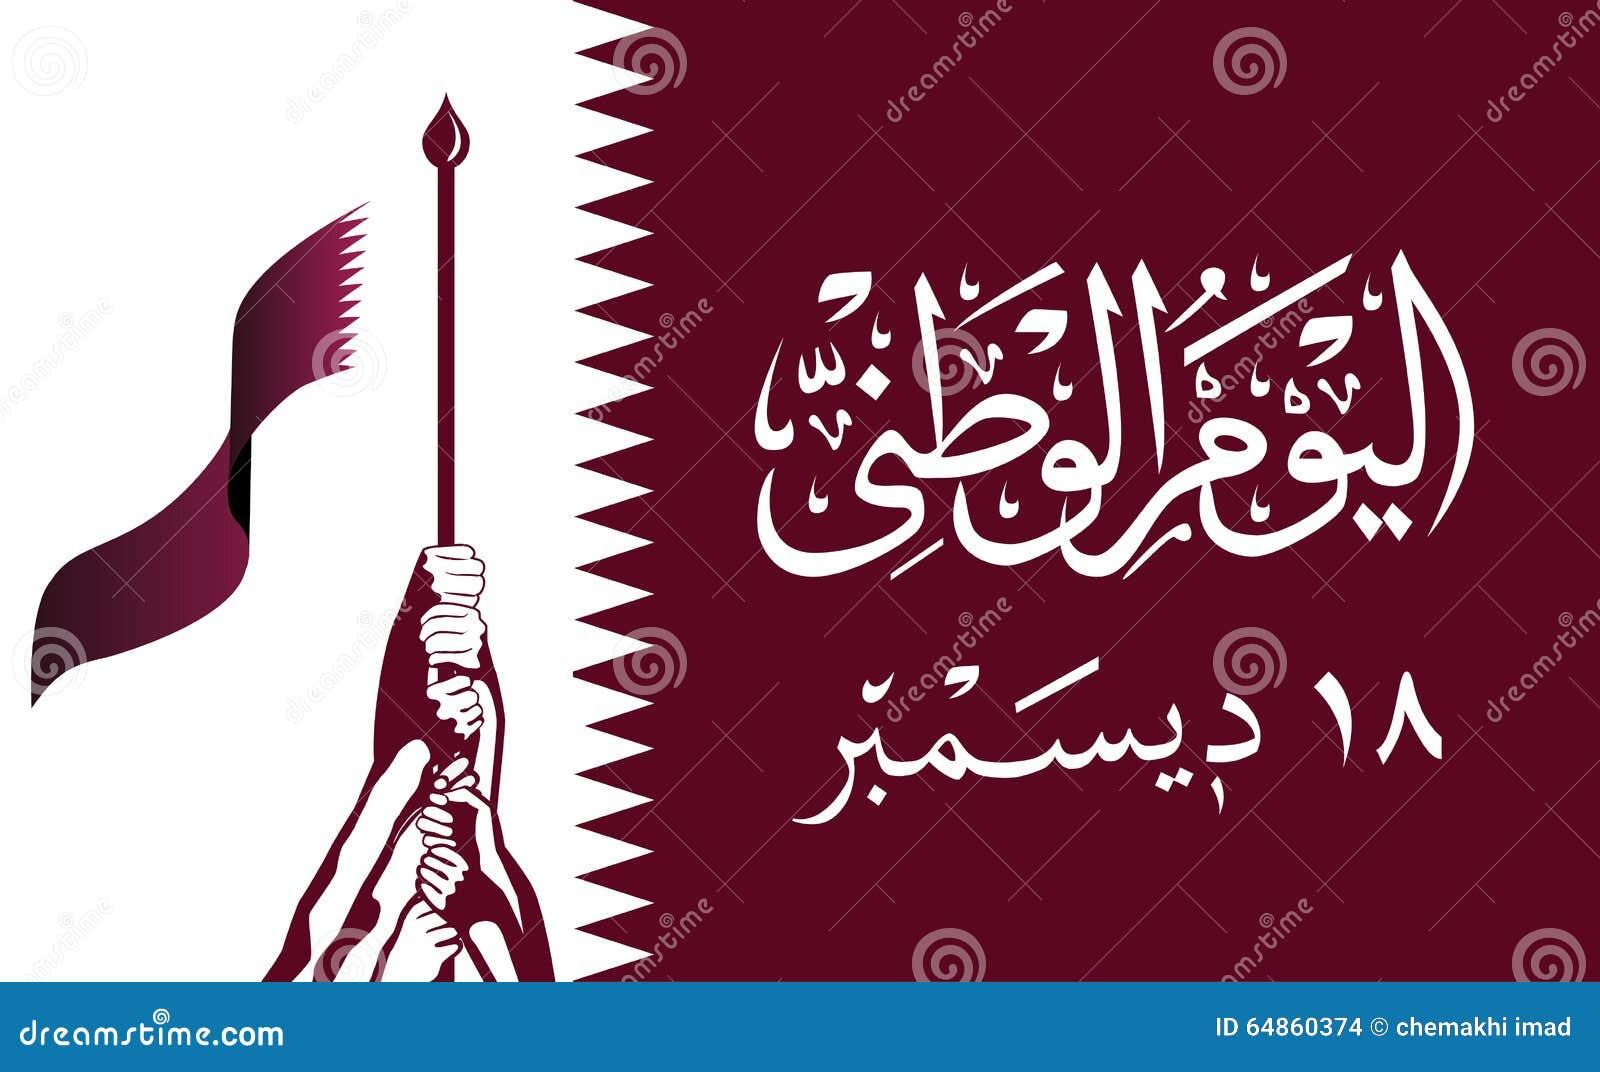 Qatarisk nationell dag qatarisk självständighetsdagen